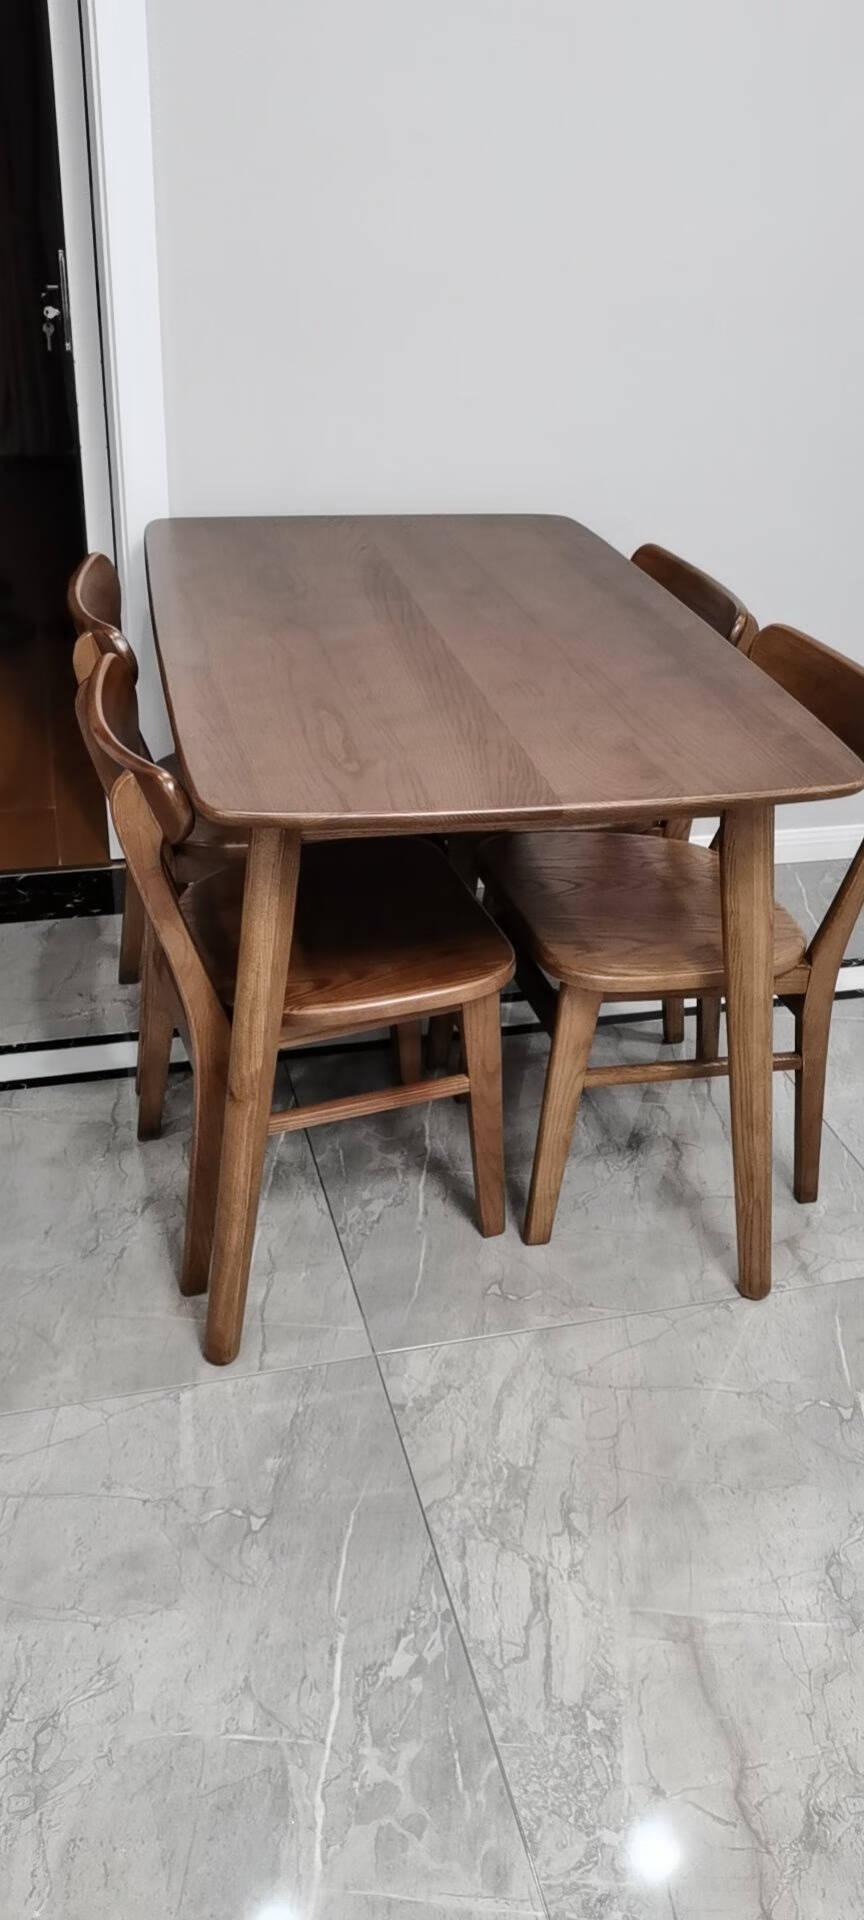 【拍券63折】慕尼思丹餐桌实木餐桌新中式北欧餐厅家具全白蜡木餐桌椅组合小户型吃饭桌子全白蜡木餐桌+餐椅*6【1.4米进口全白蜡木】